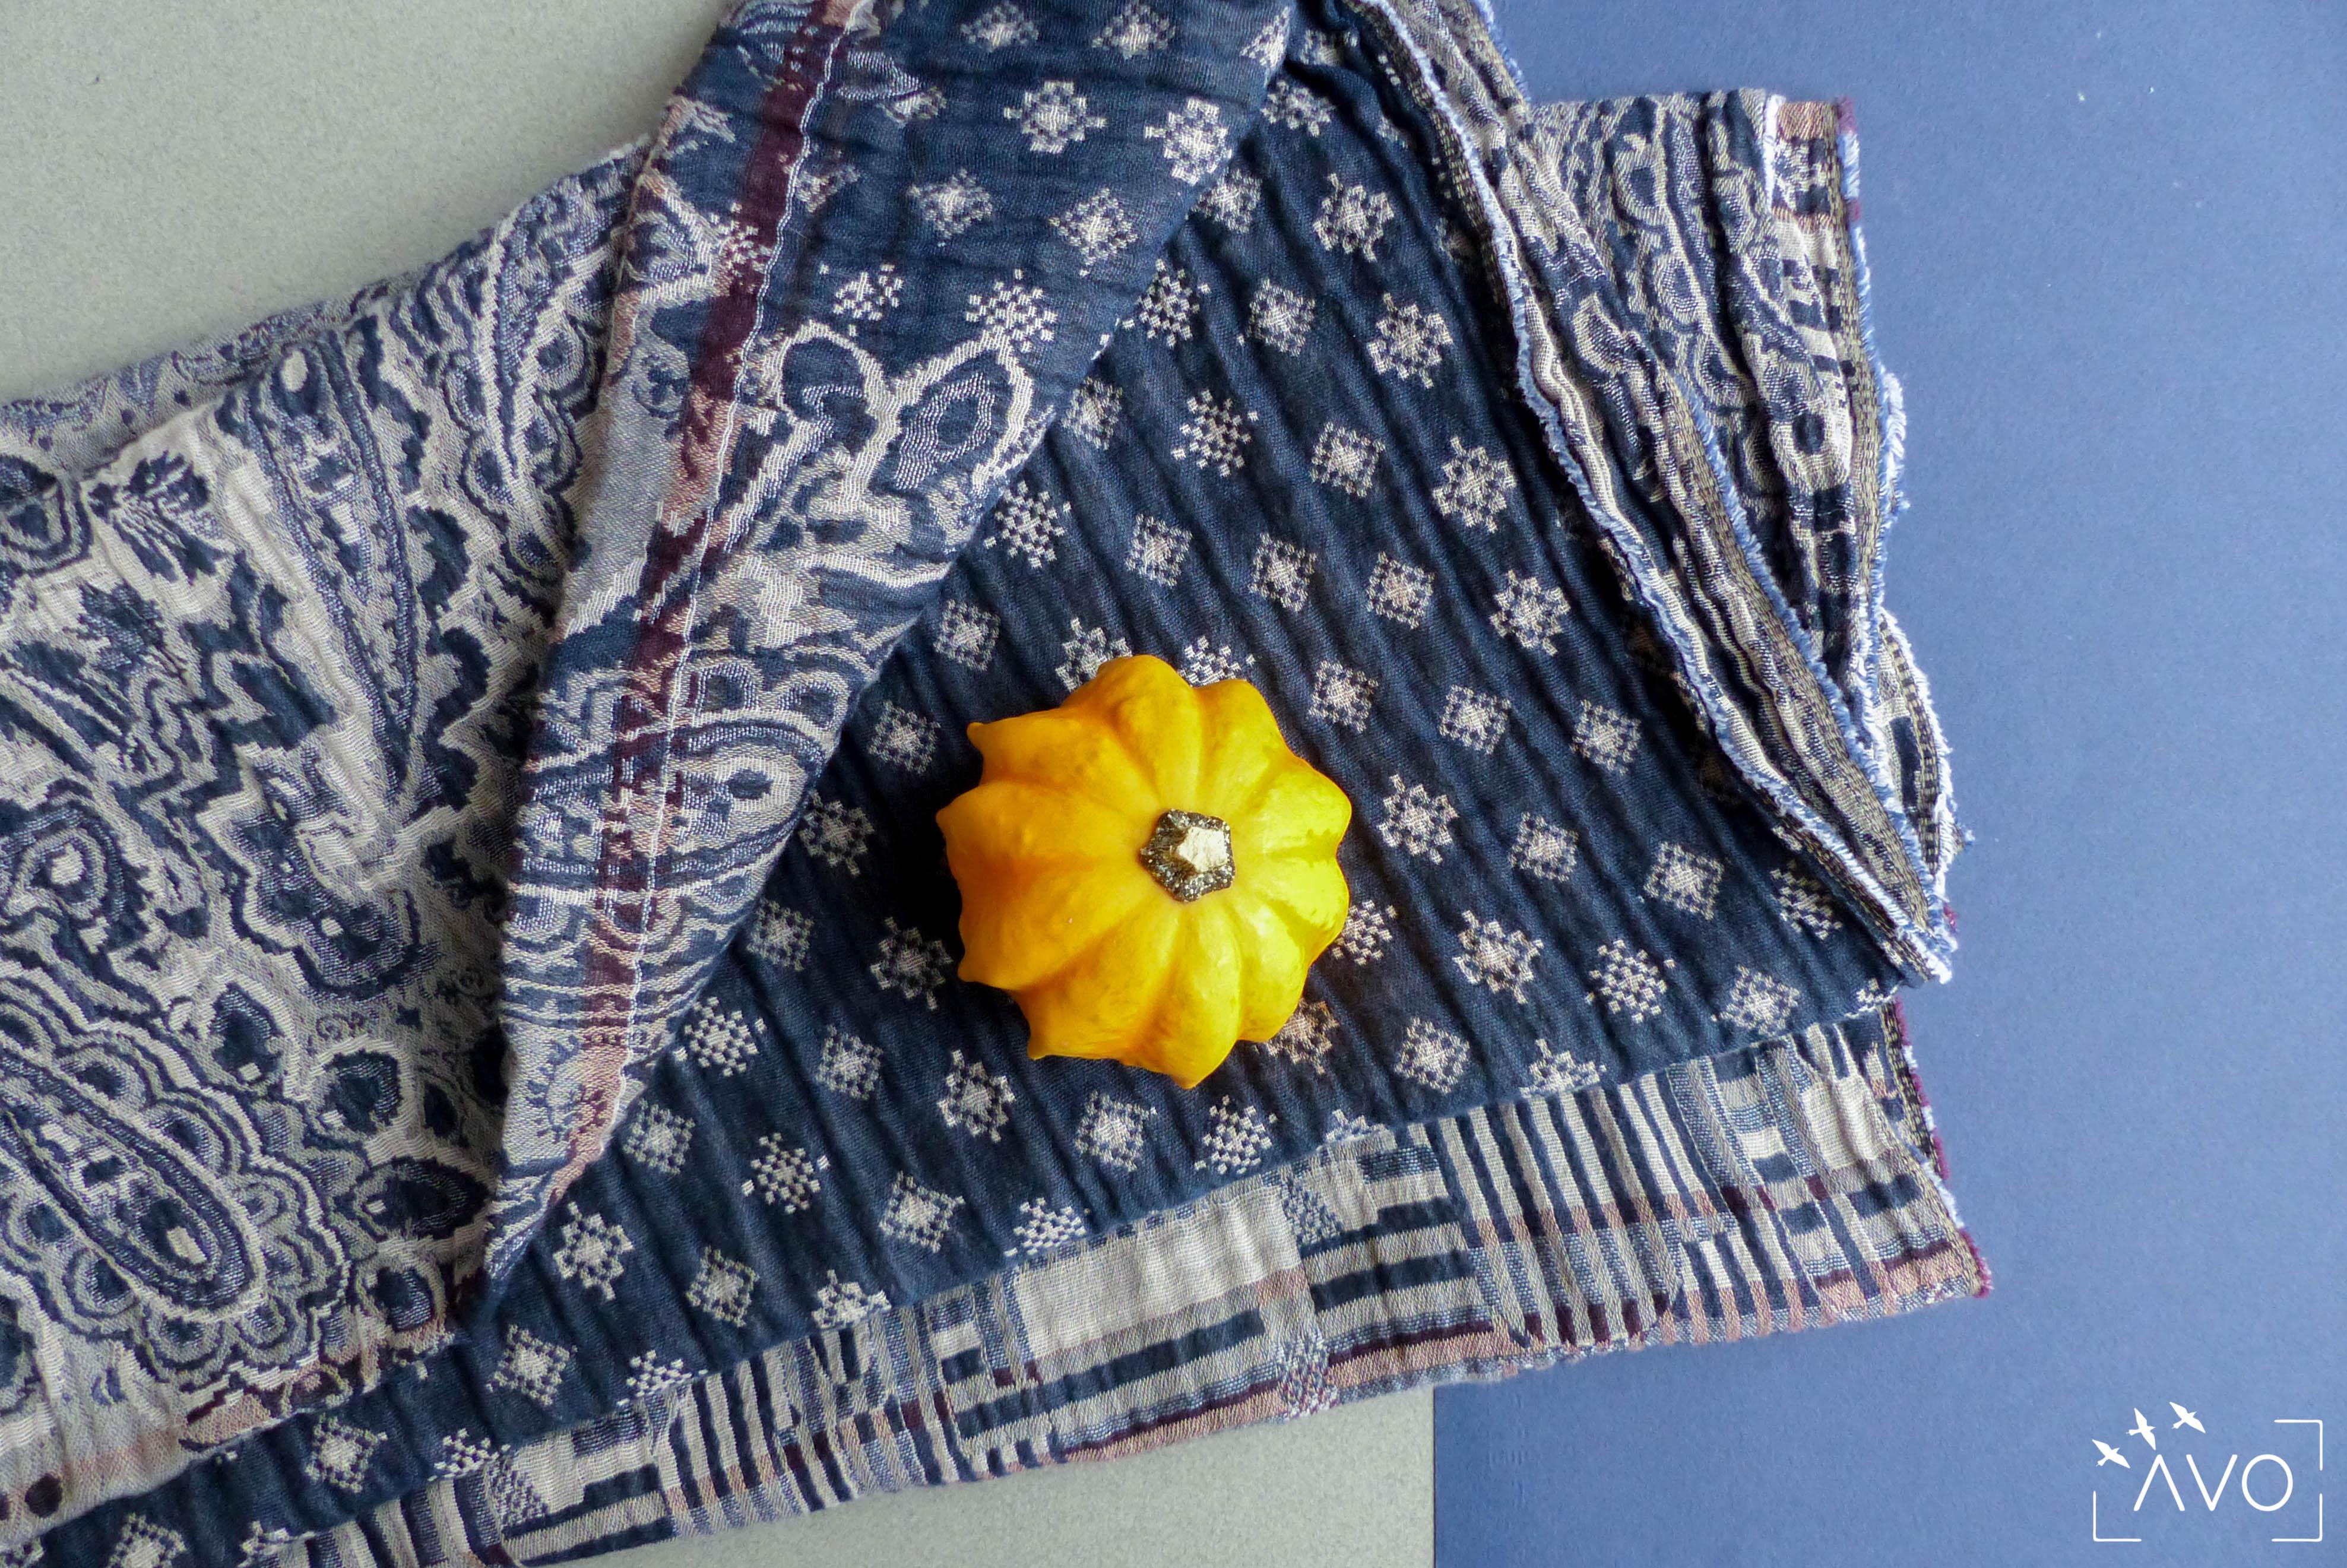 étole Létol foulard madeinfrance charlieu loire motif fleur géométrique beau dessin cadeau couleurs atelier savoir-faire bleu gris hiver